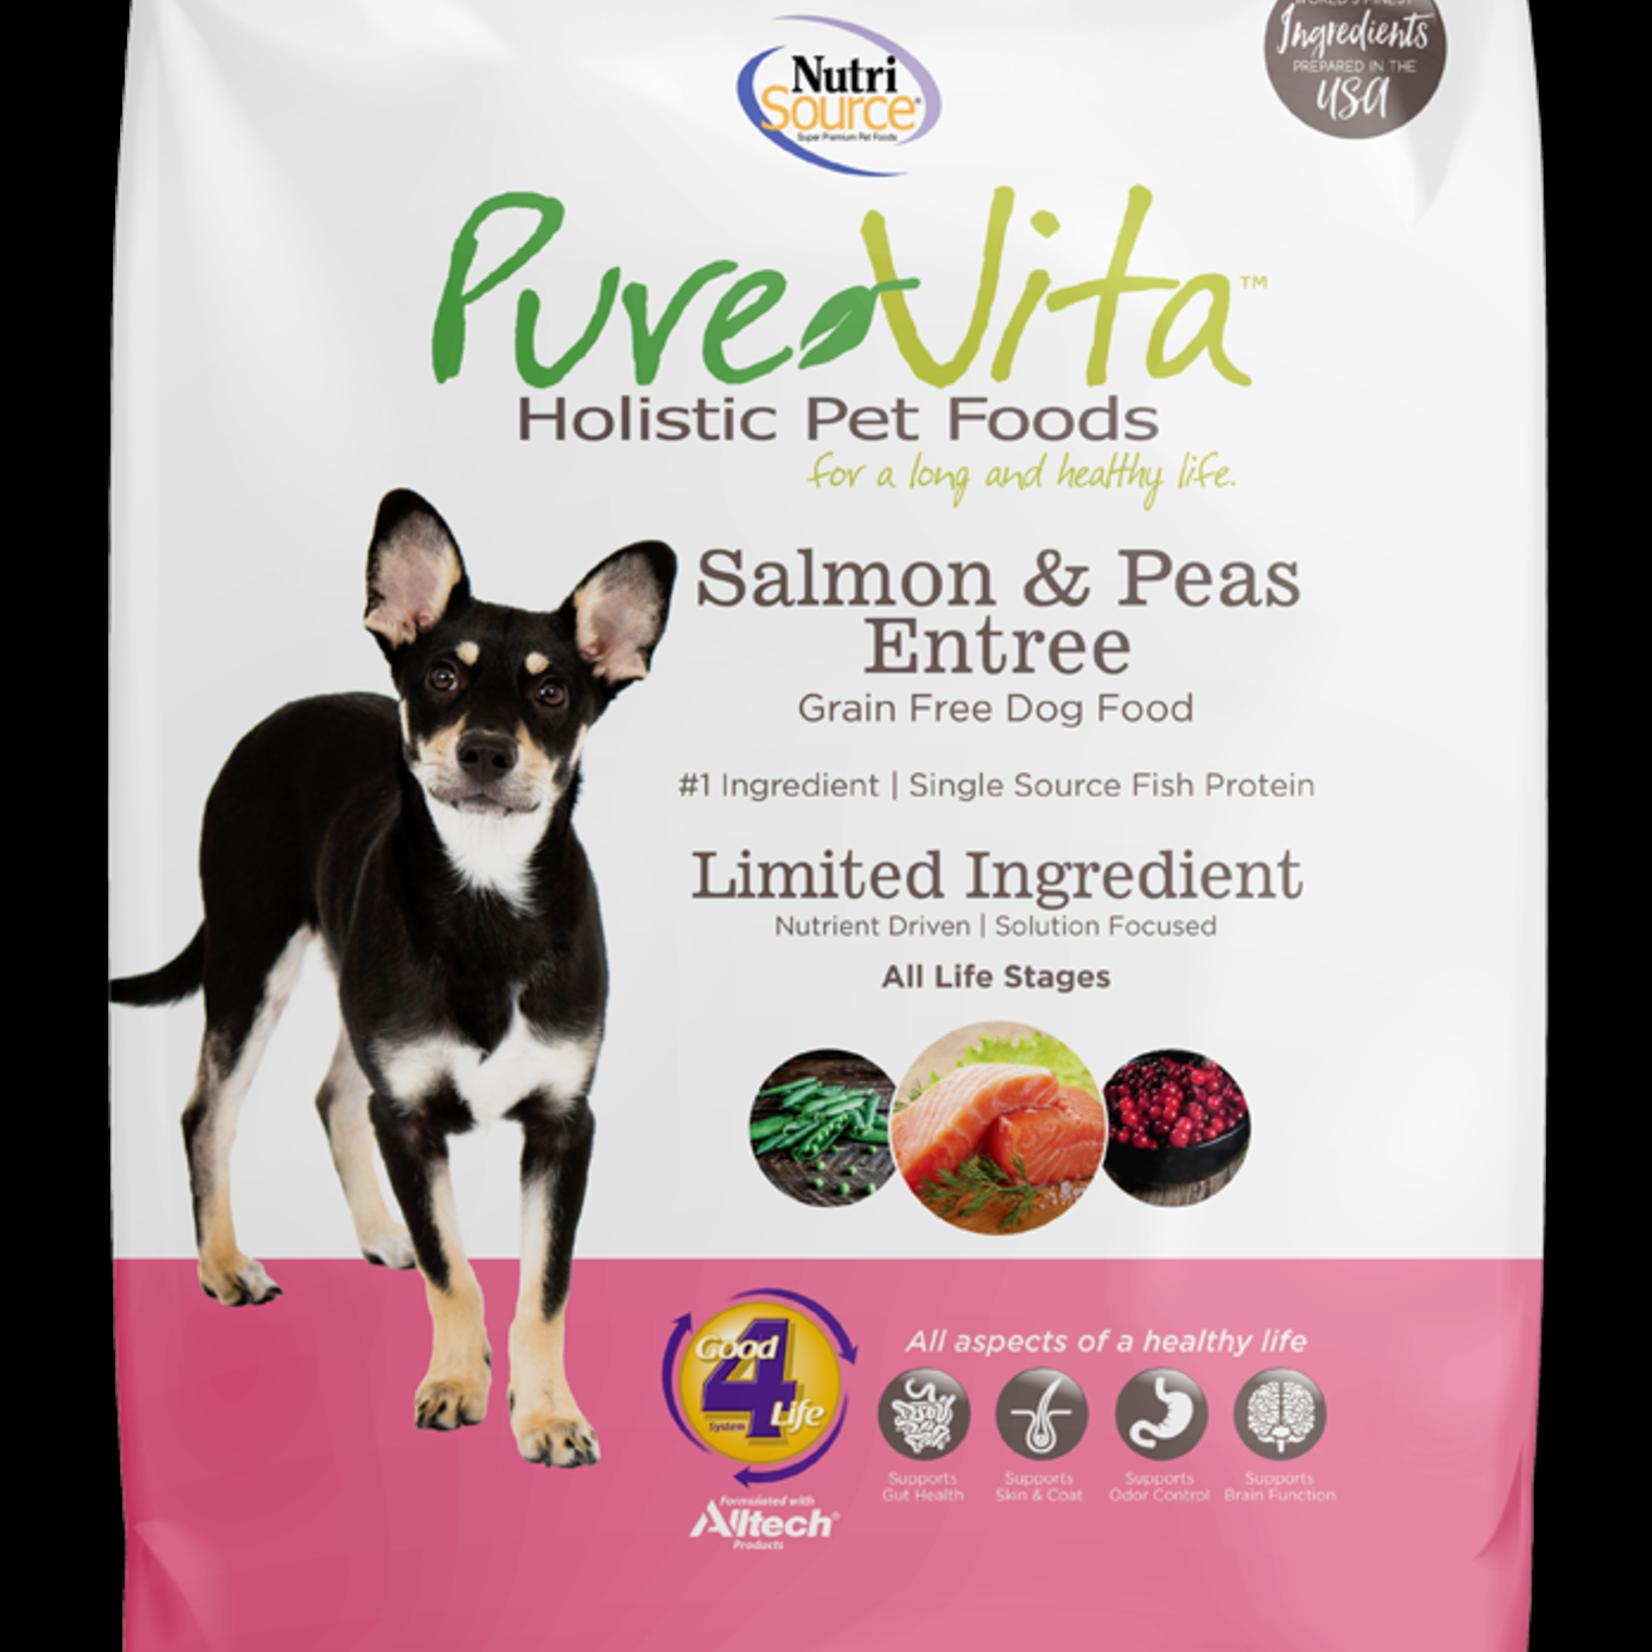 PureVita Pure Vita Dog GF Salmon & Peas 25#